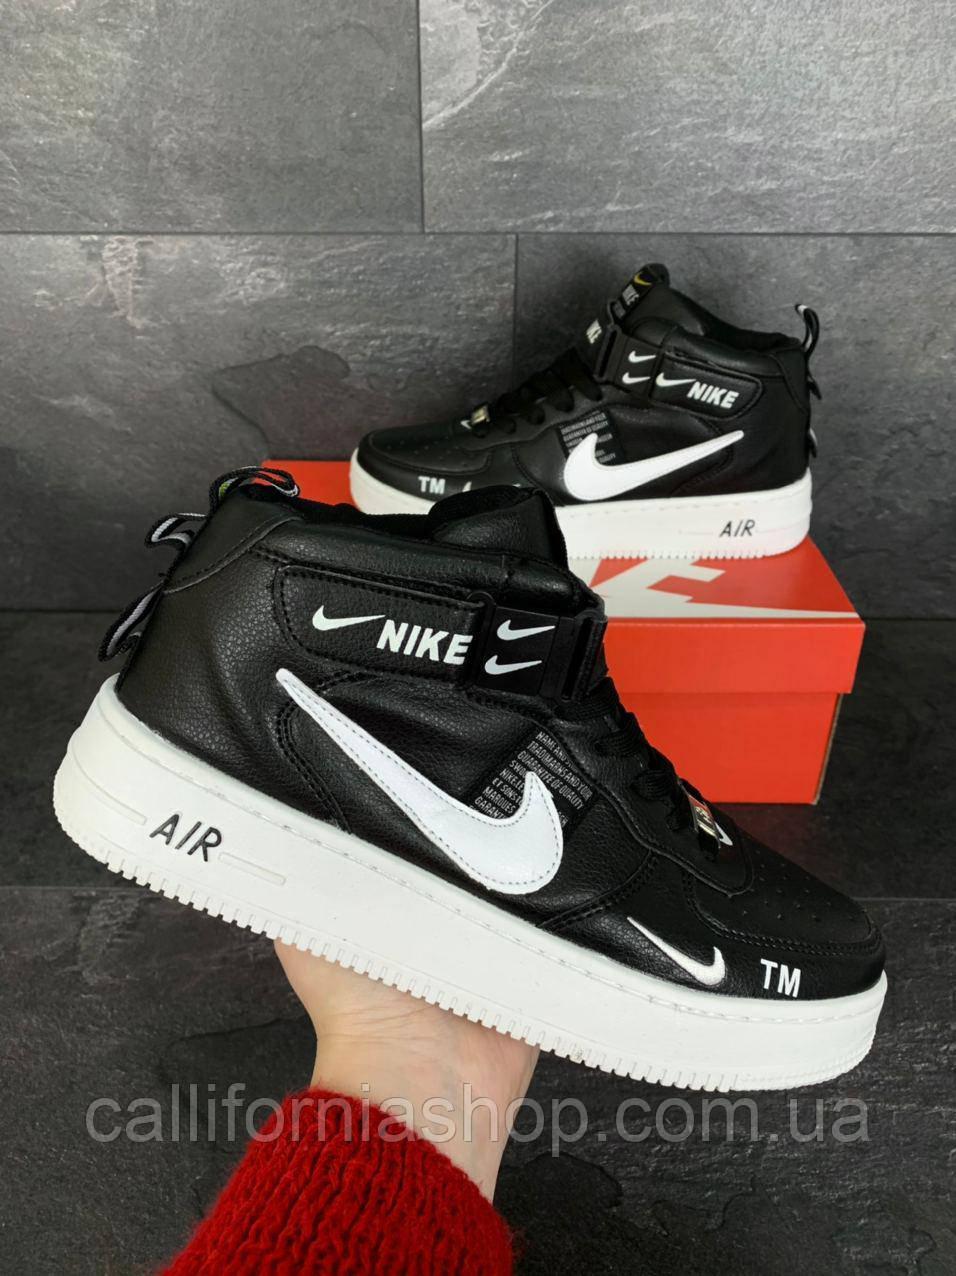 Мужские кроссовки Nike Air Force 1 высокие кожаные цвет черный с белой подошвой